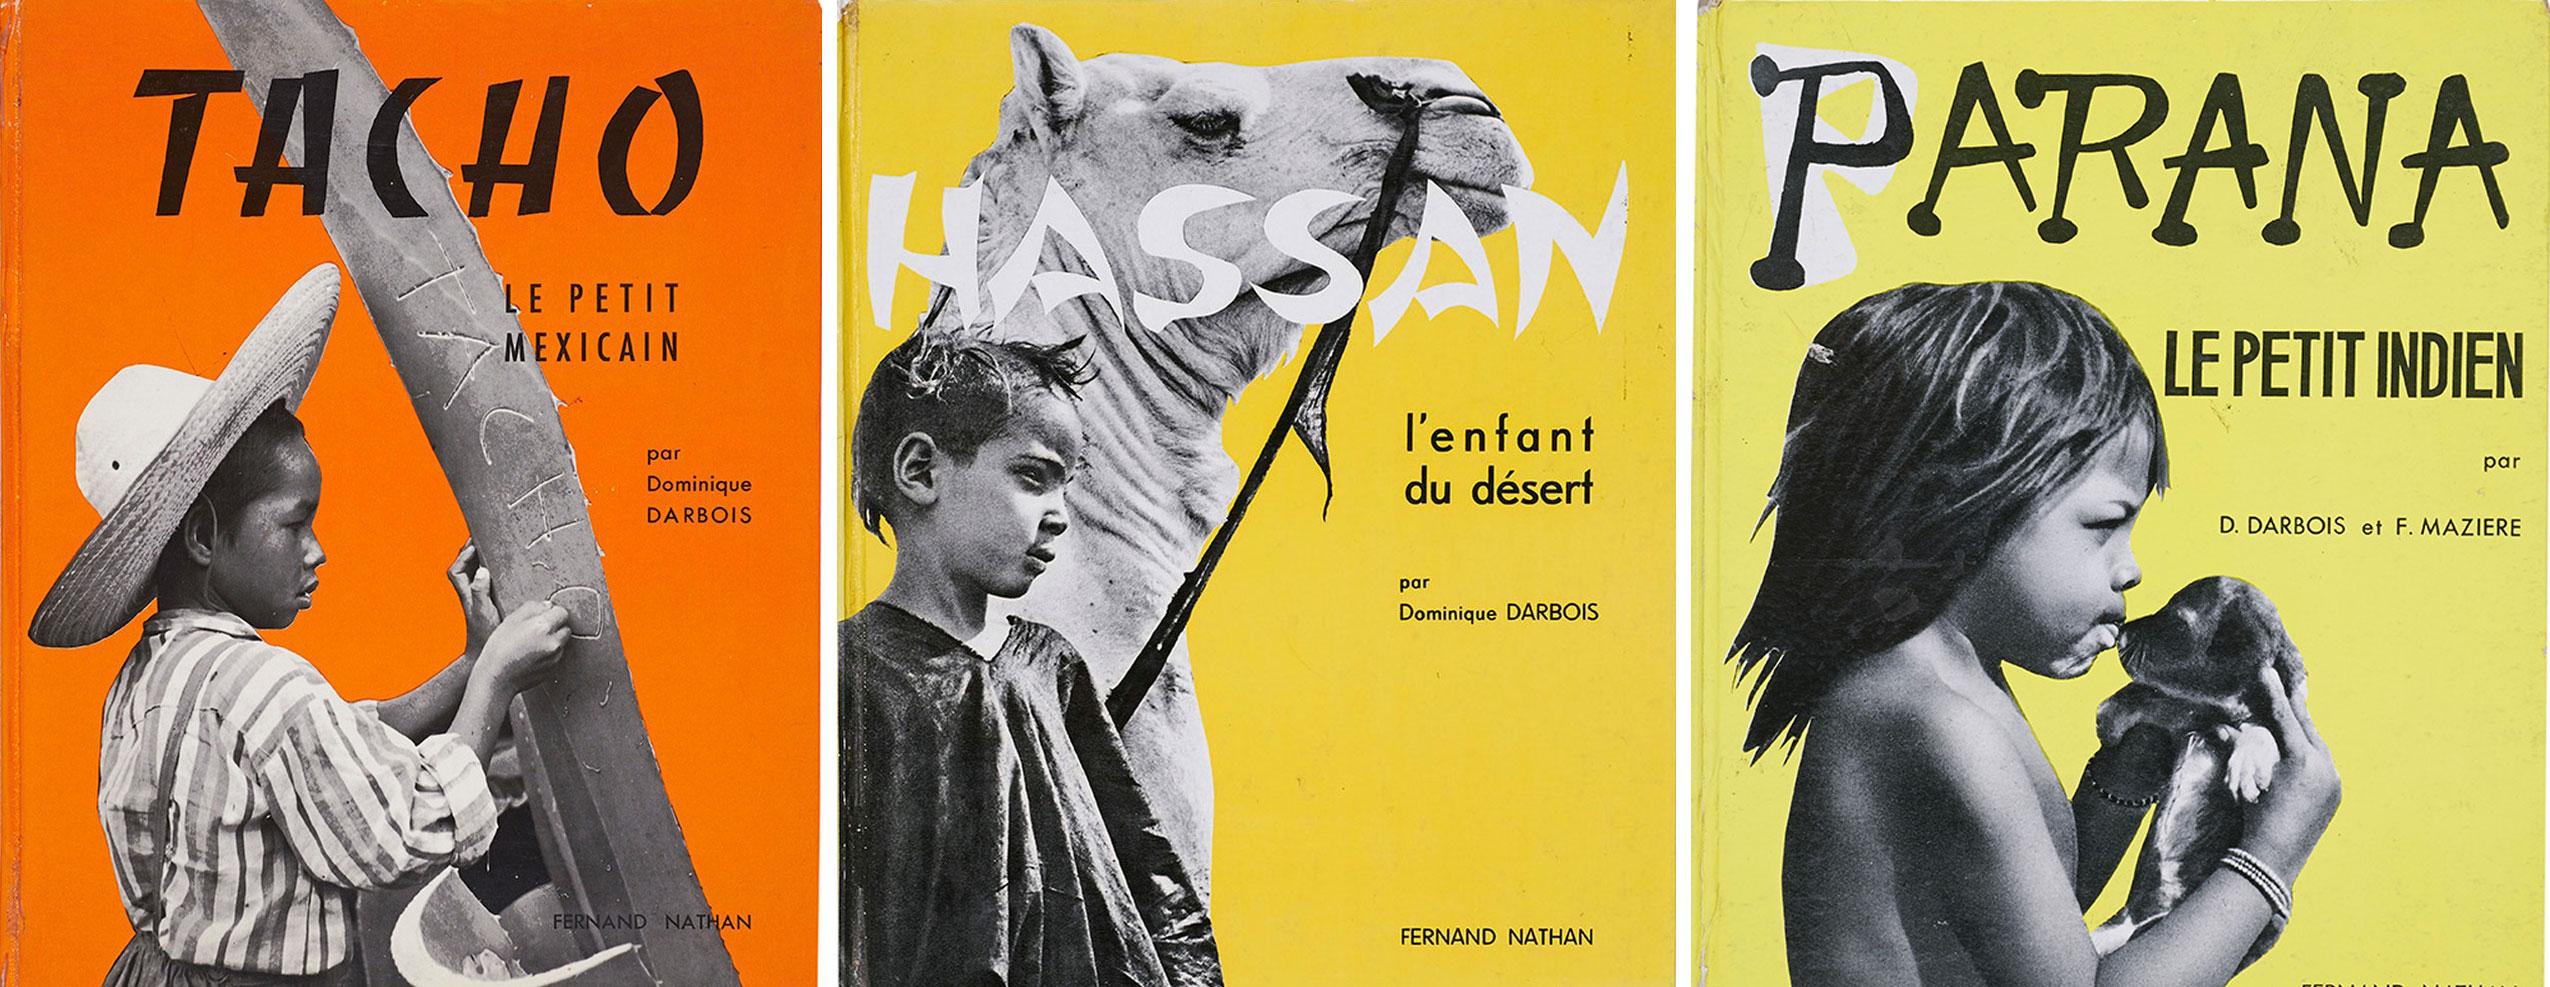 dominique-darbois-livre-collection-enfants-du-monde-graphisme-tacho-hassan-parana